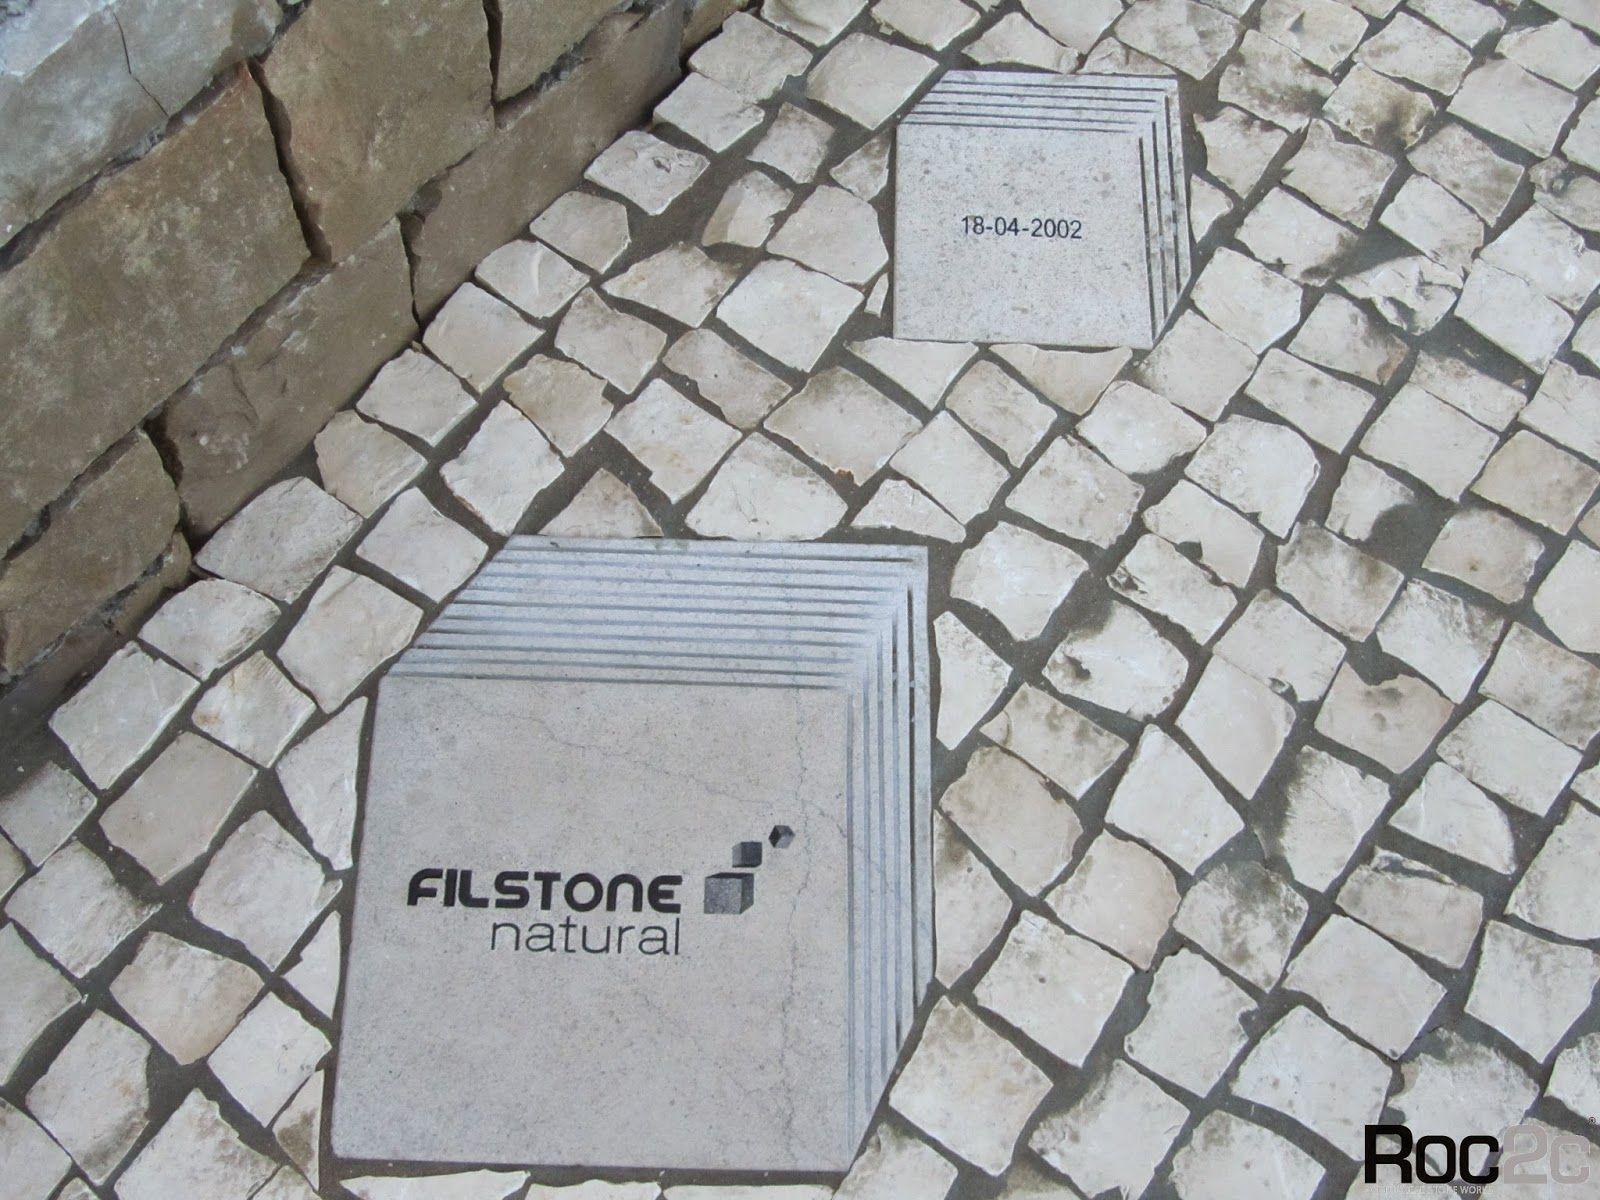 Work Roc2c- calçada portuguesa Arranjos Exteriores Filstone company pavement